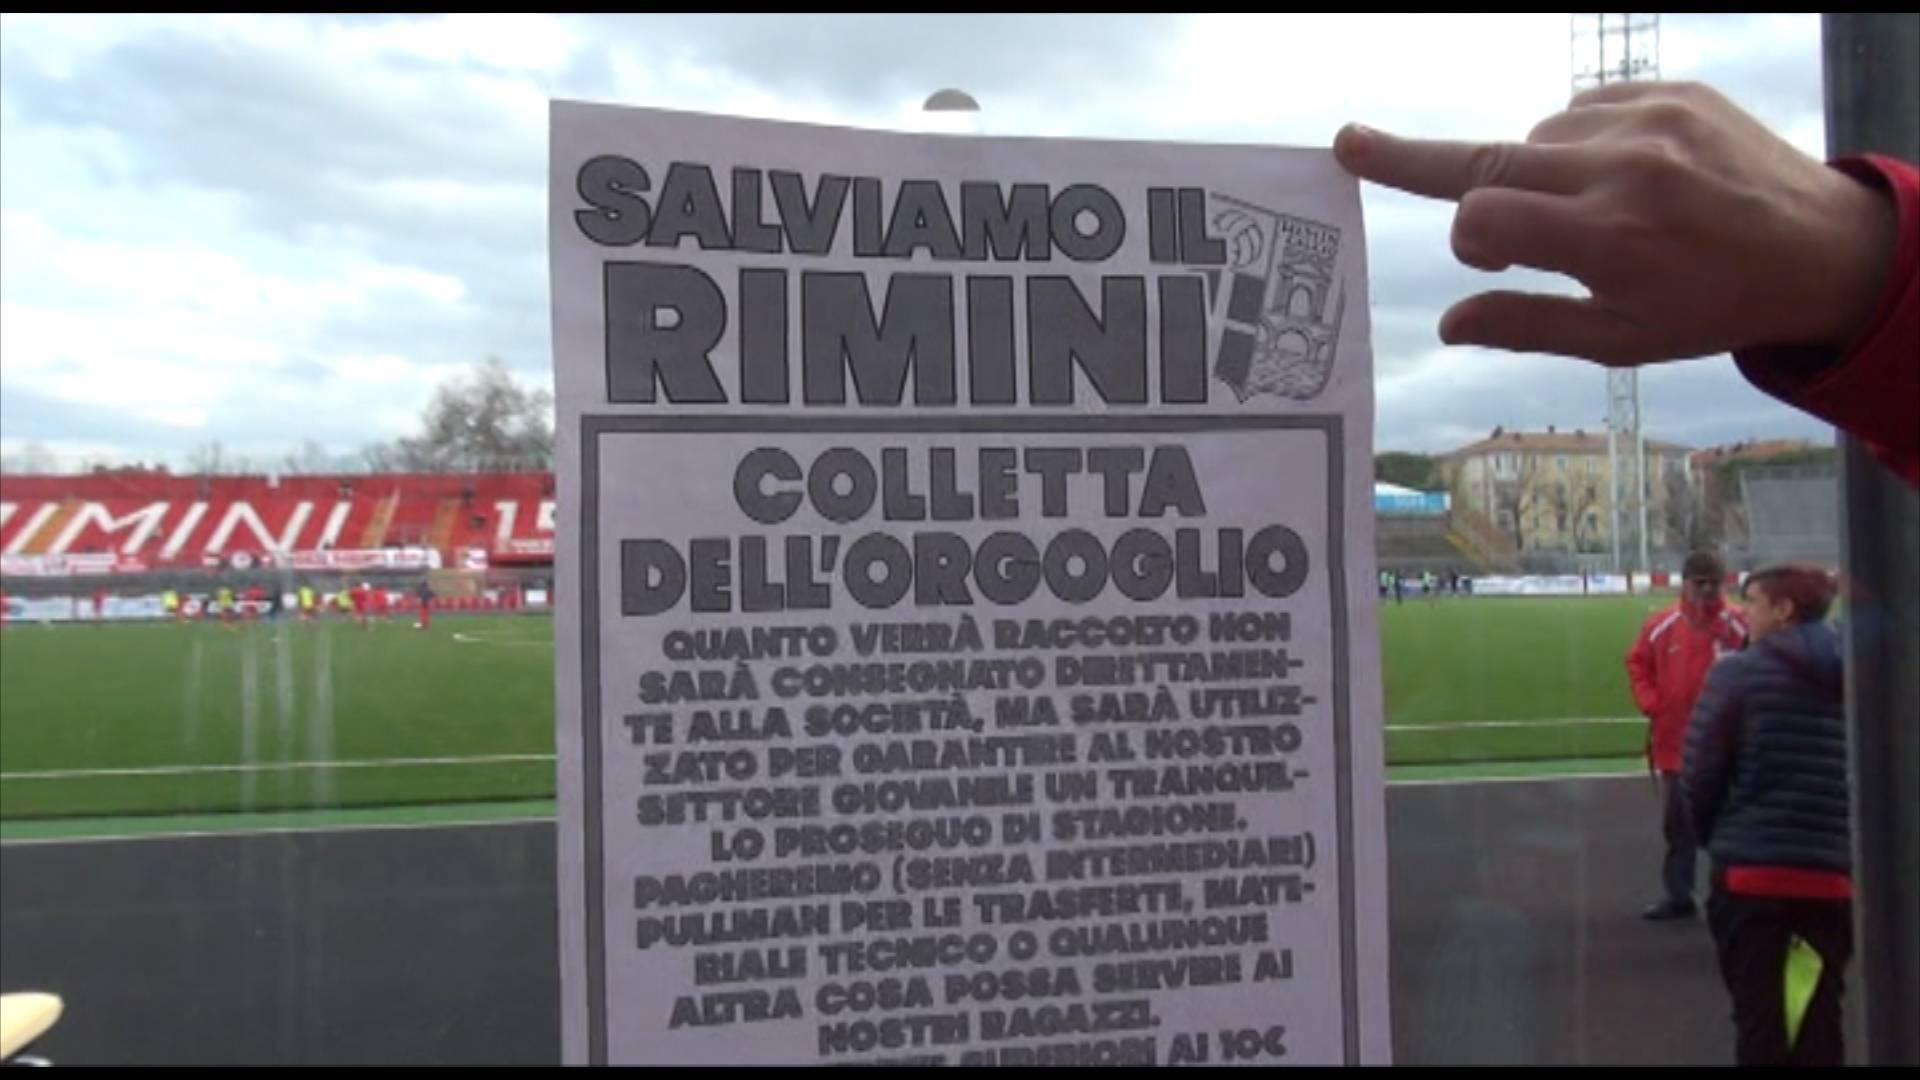 Rimini Calcio. La Colletta dell'Orgoglio continua. I tifosi preparano anche altre iniziative